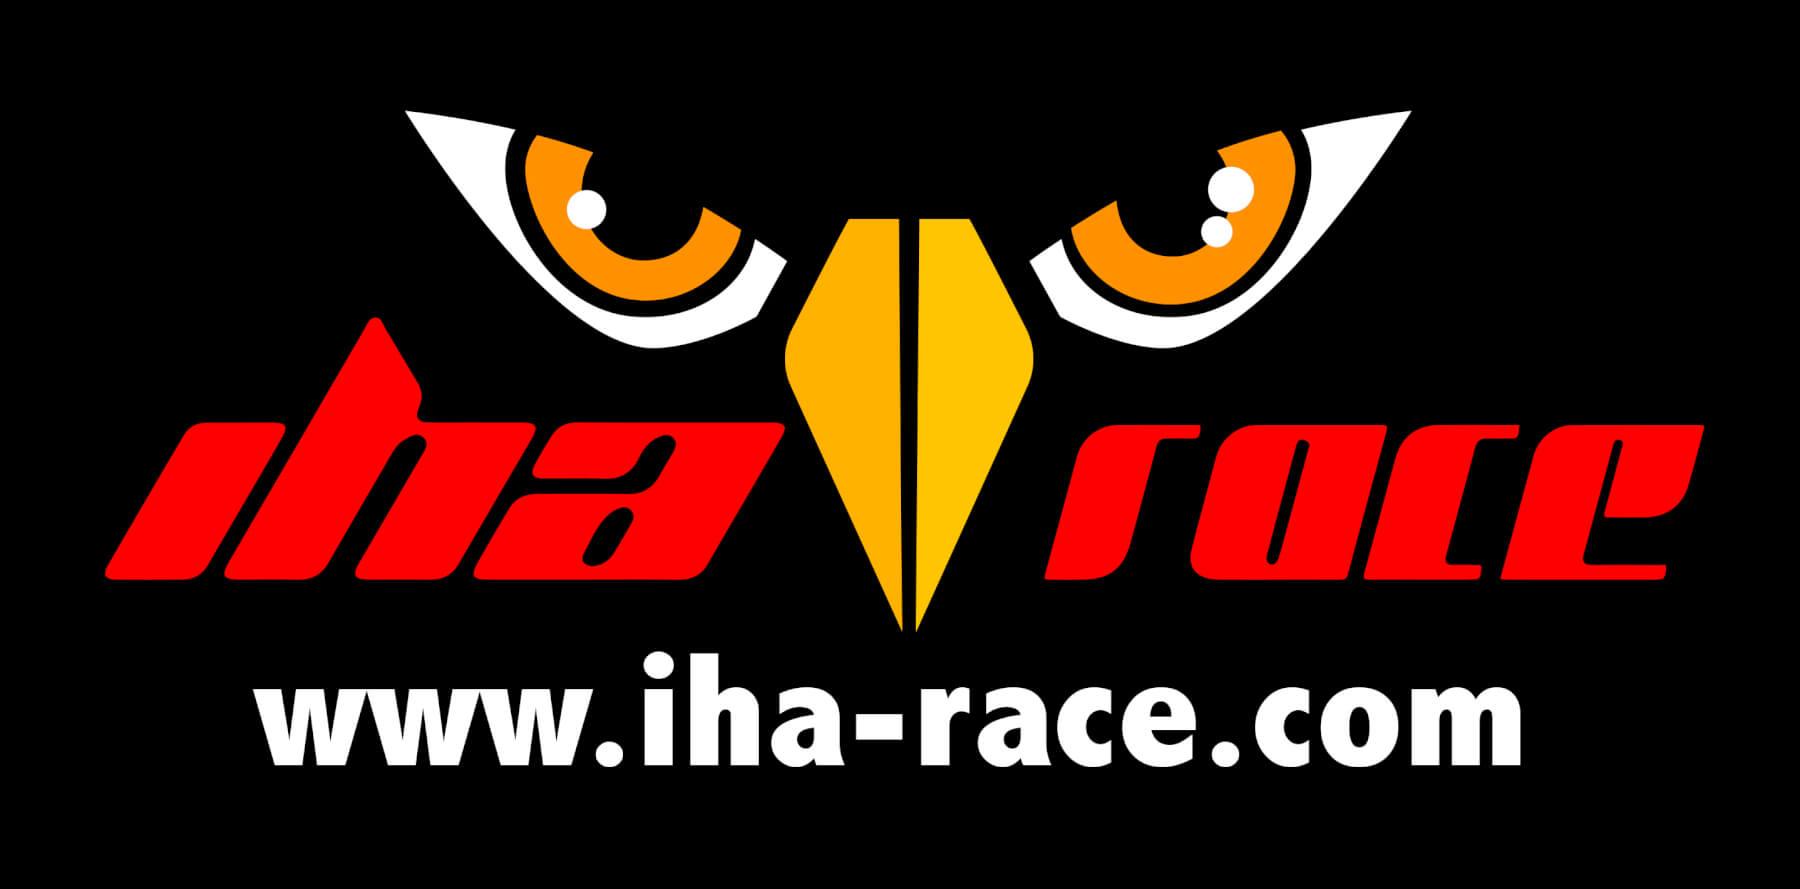 Iha-race confirma su colaboración en el Open Nacional de F3U de Lugo